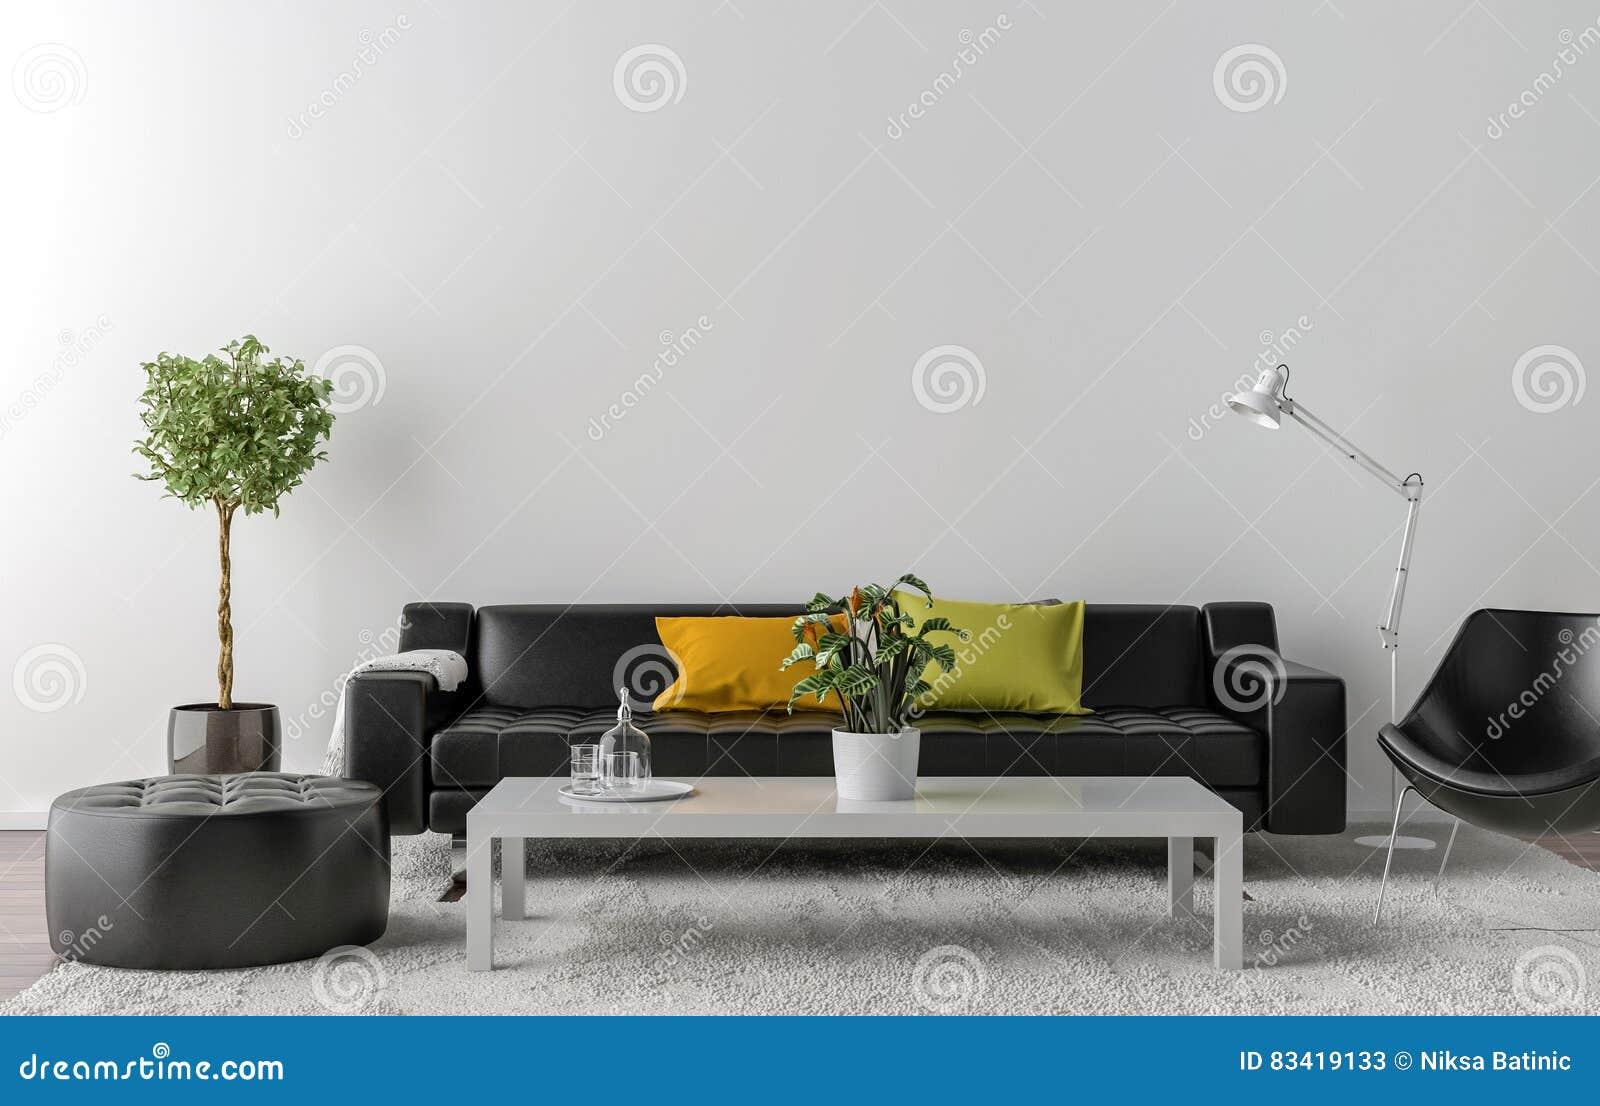 https://thumbs.dreamstime.com/z/lege-woonkamer-met-witte-muur-op-de-achtergrond-83419133.jpg